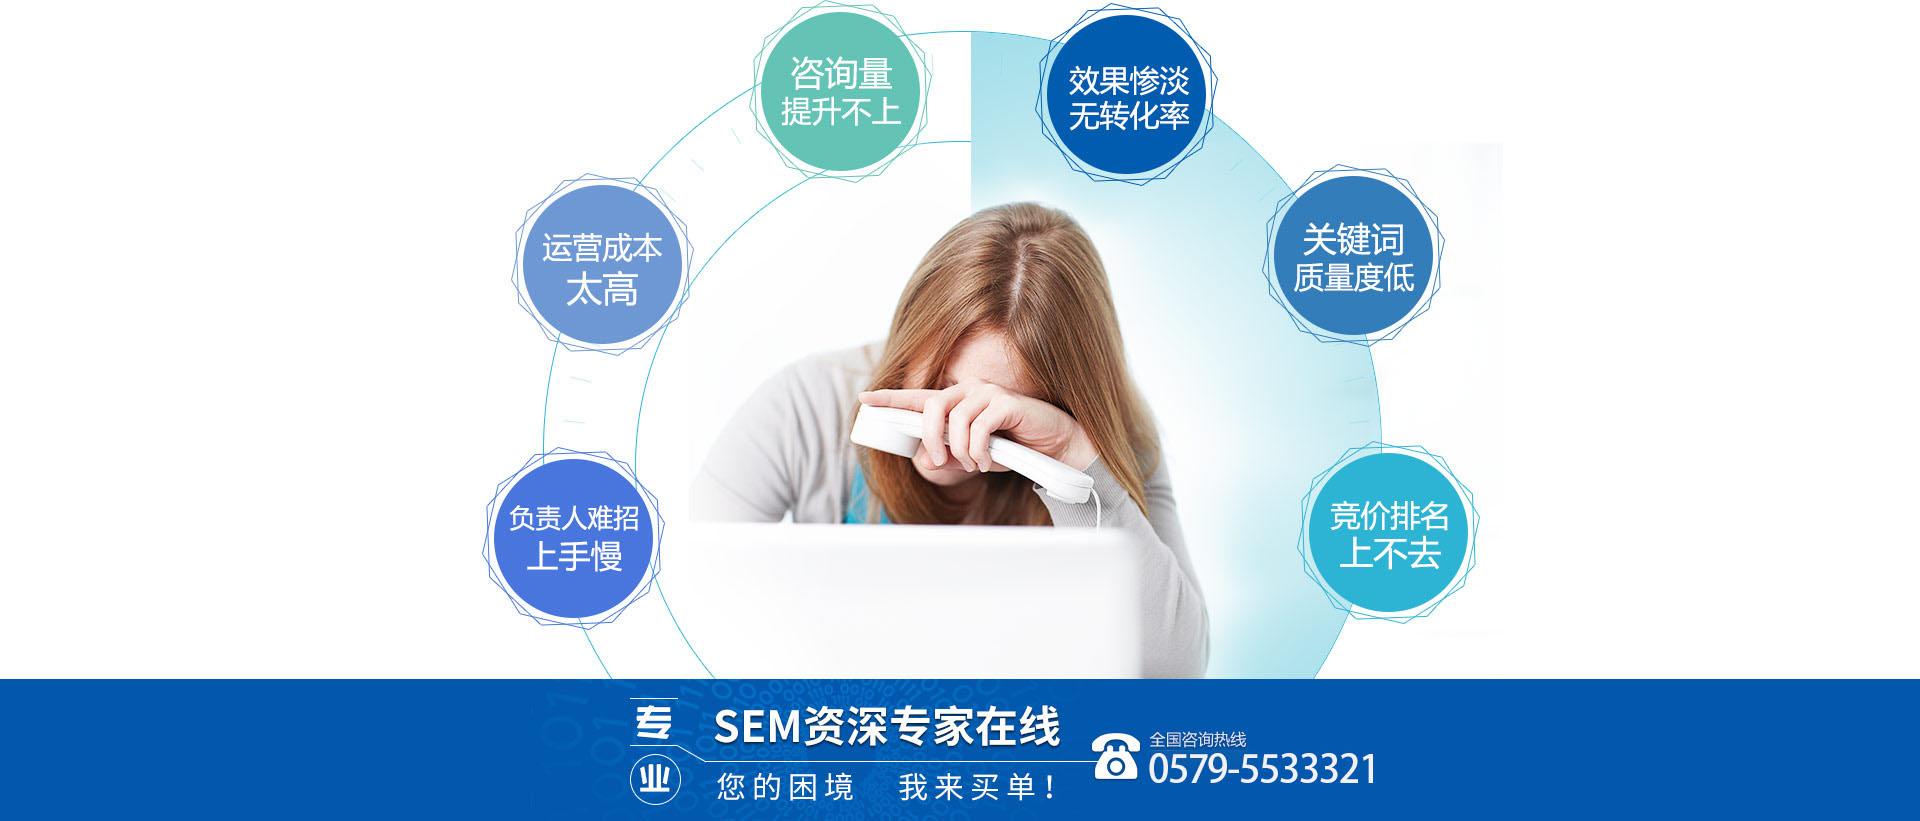 义乌SEM竞价账户托管外包公司帮你处理各种优化难题